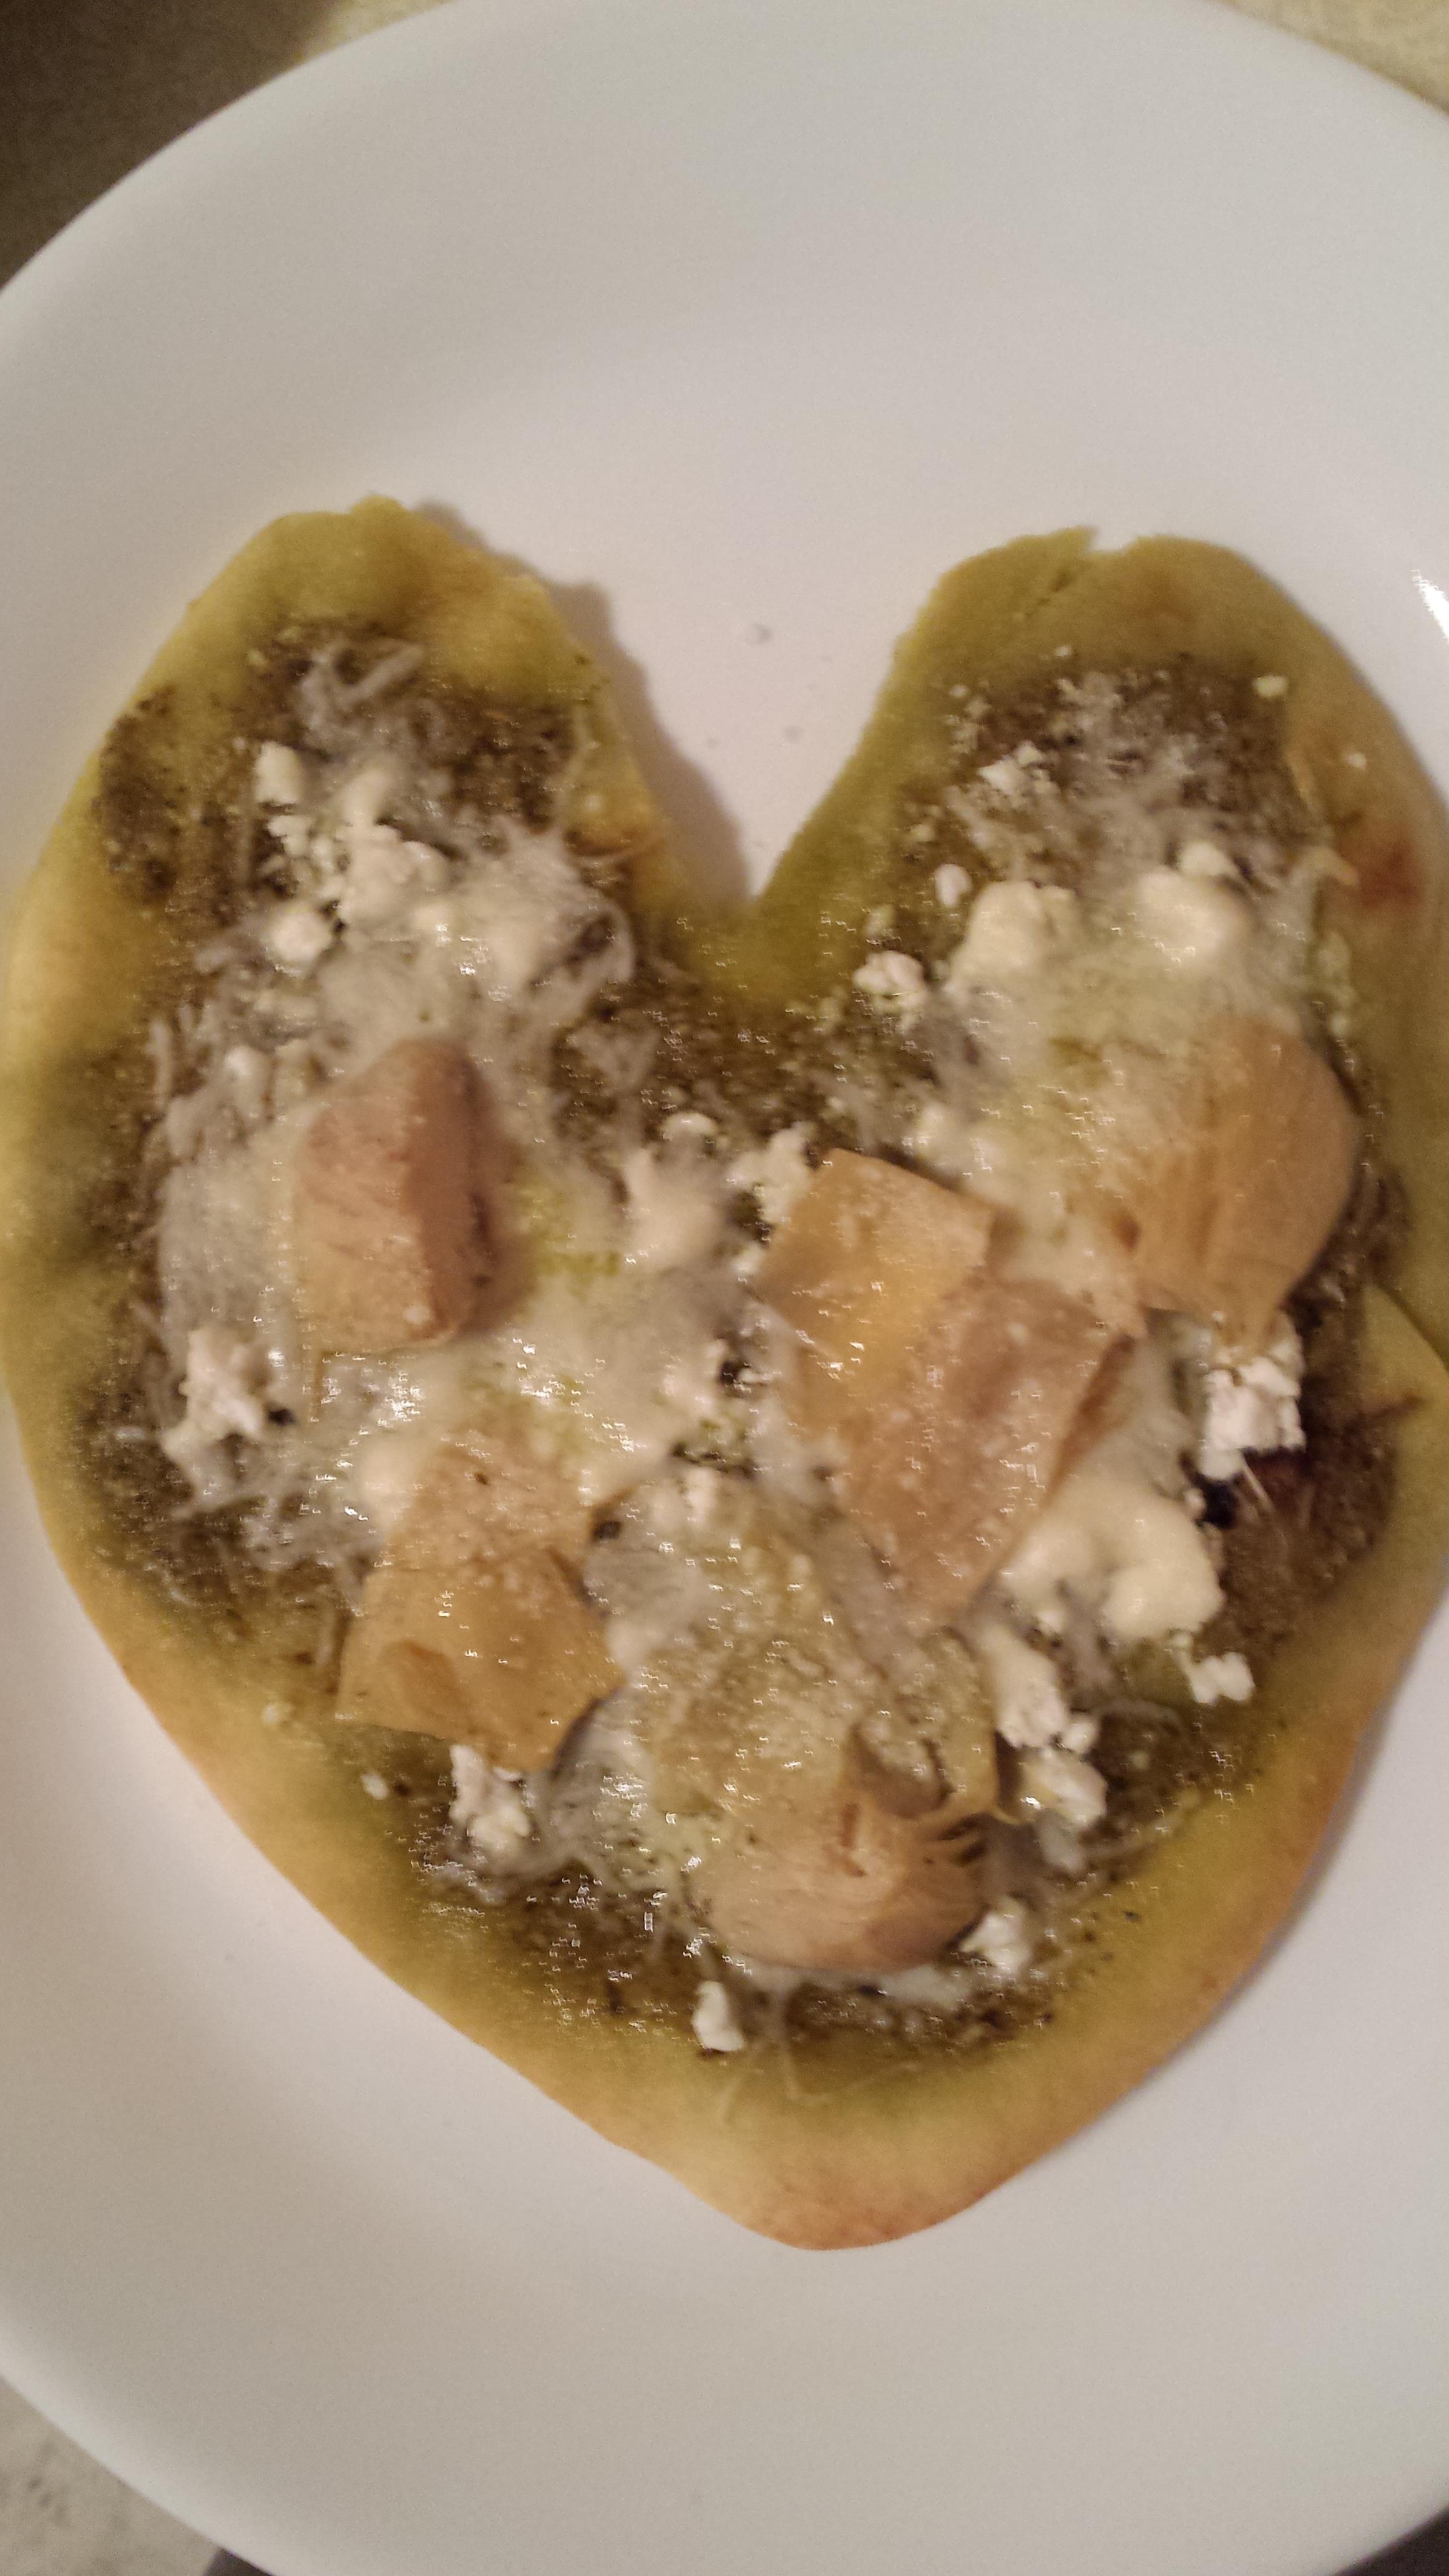 Artichoke, Pesto, and Garlic Naan Bread Pizza Liz Dalton 'Lizzie'